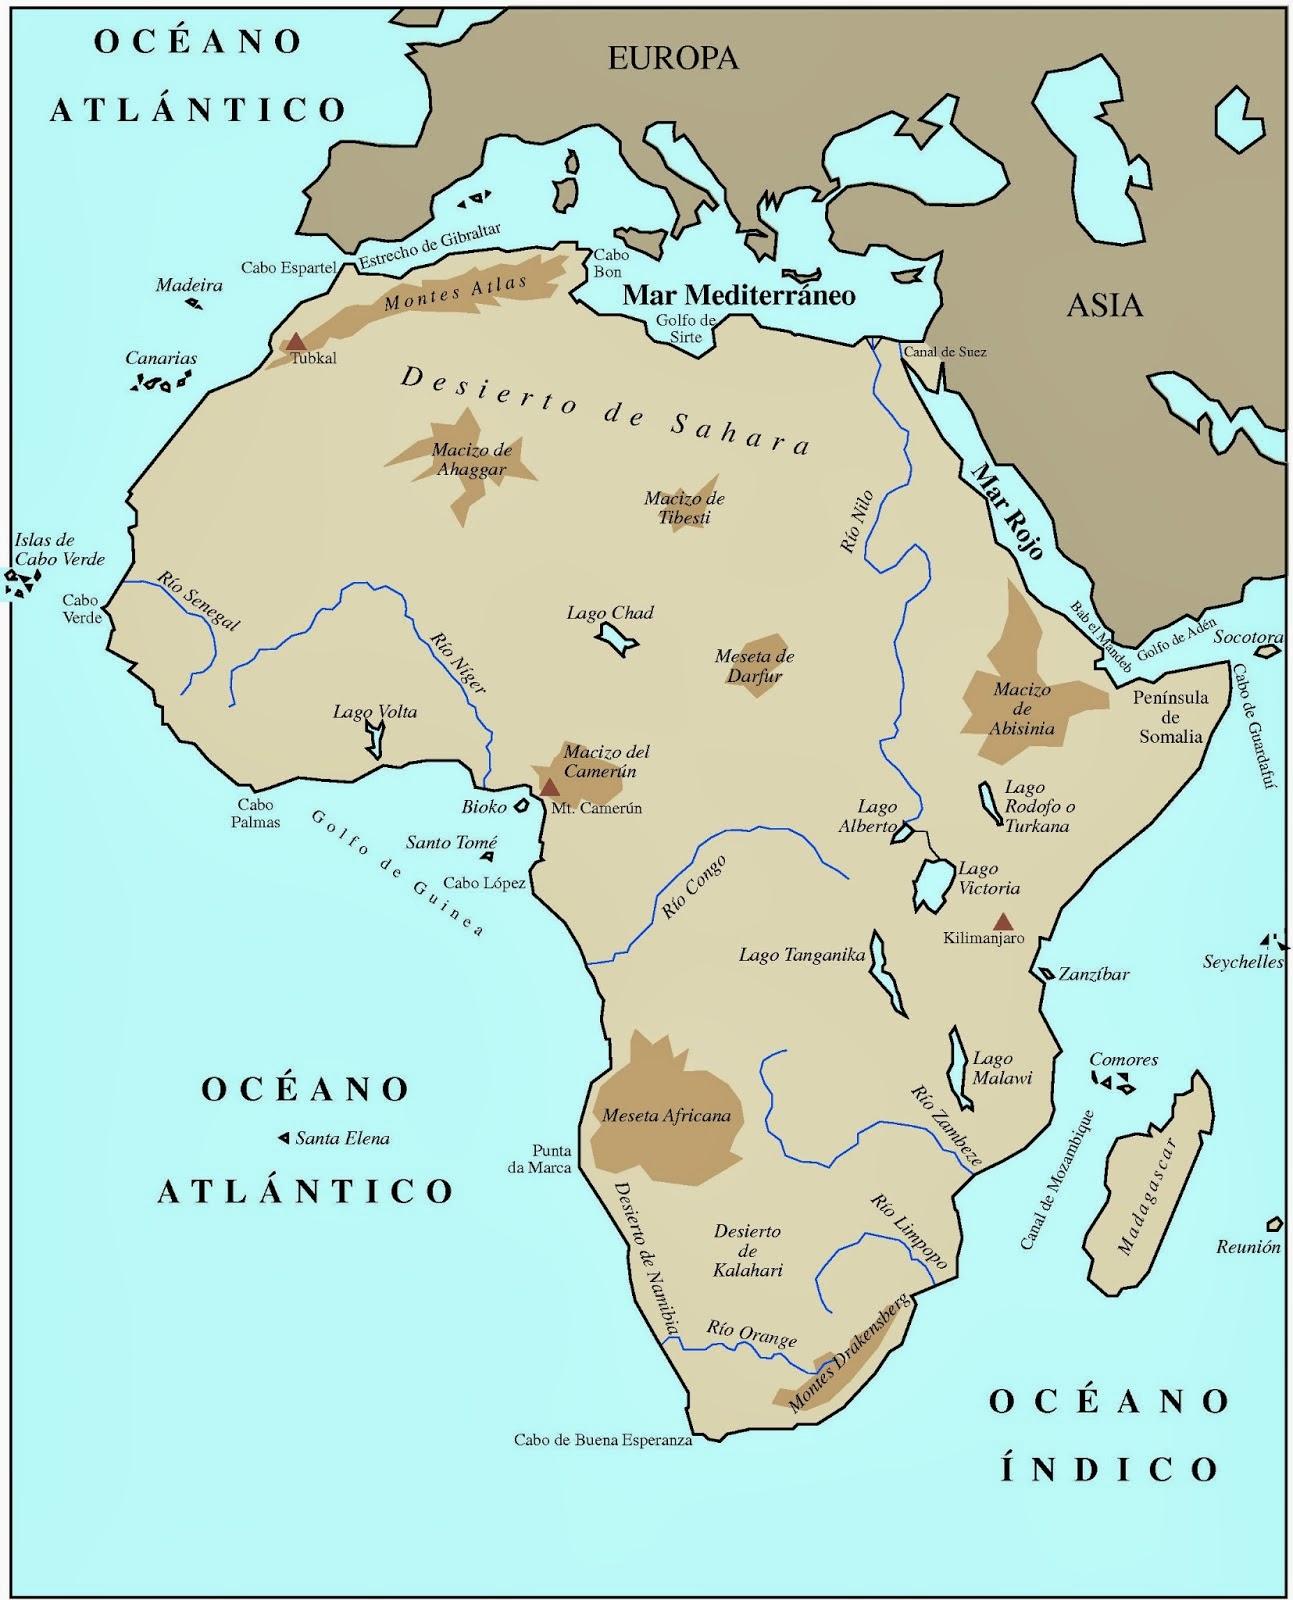 Relieve De Africa Mapa.Blog De Sociales 1º Eso Relieve De Africa